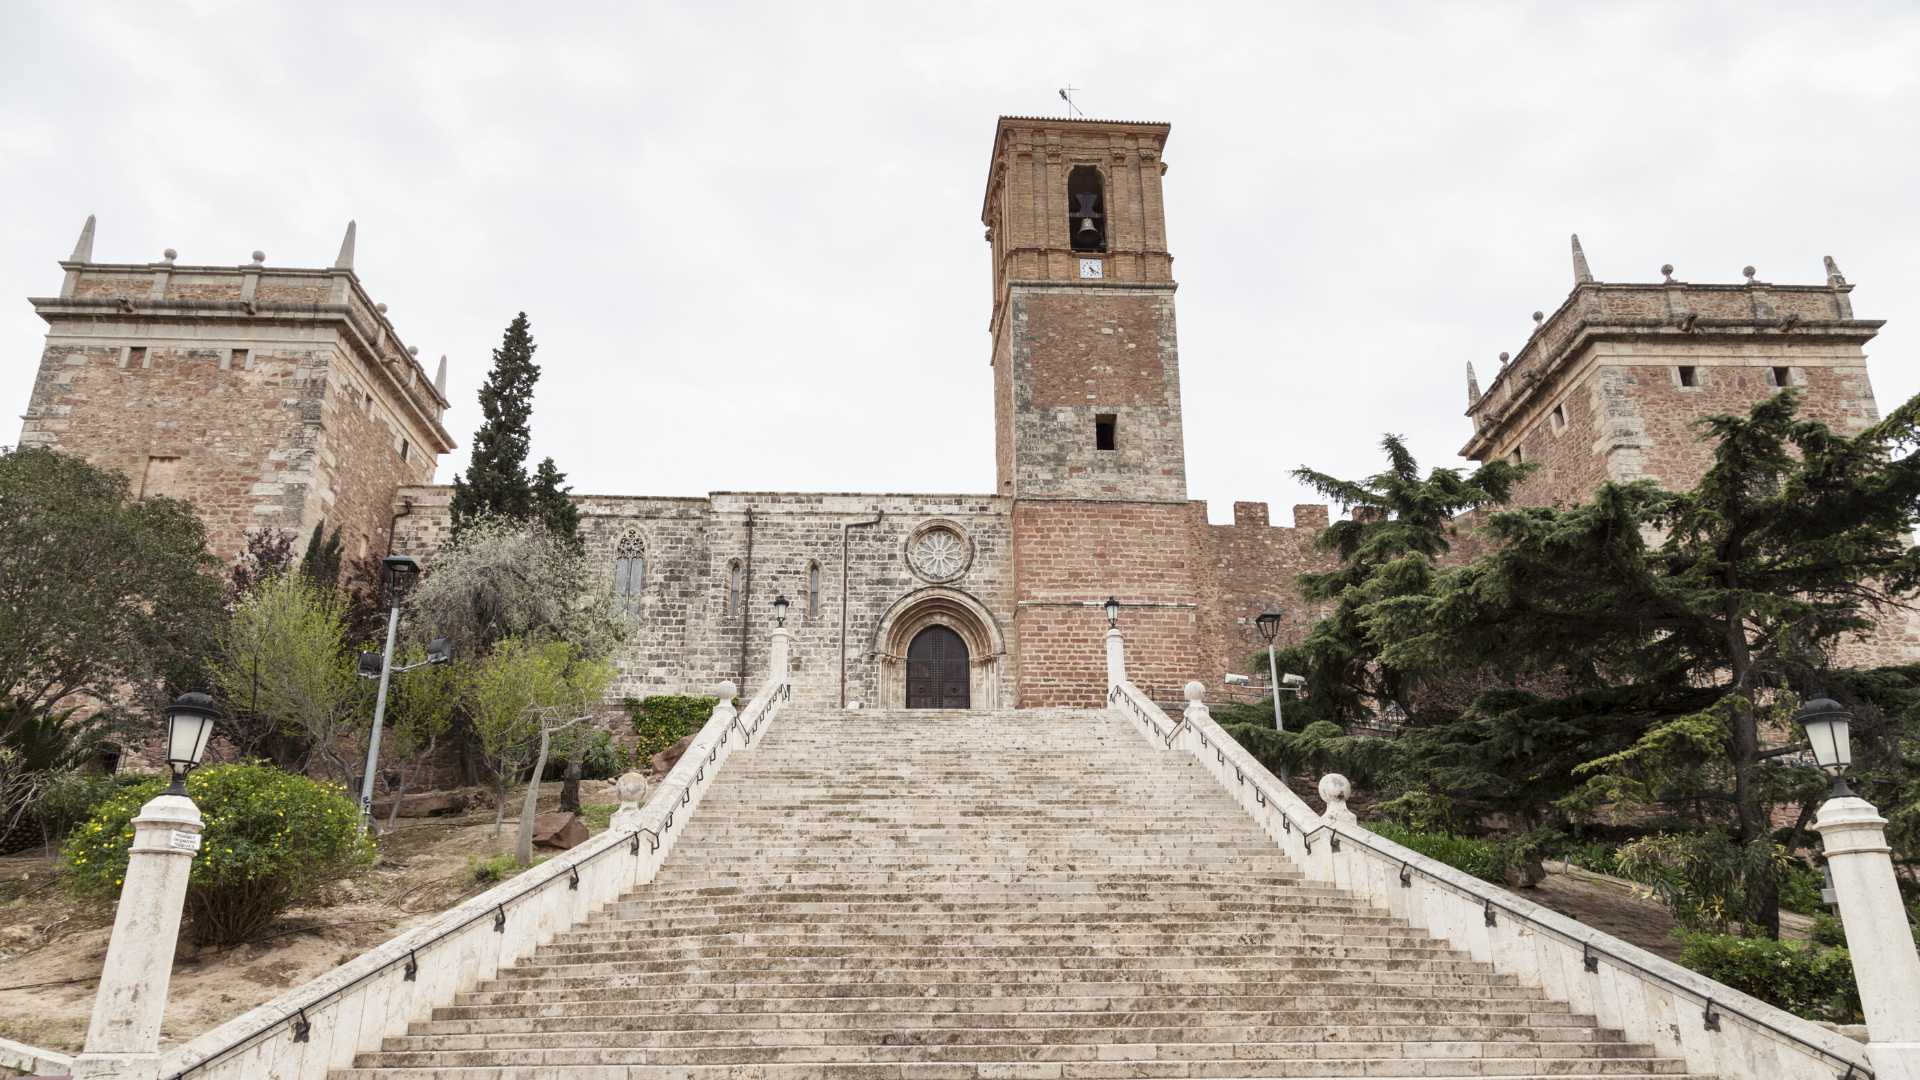 Visita guiada 'La huella de Jaume I en El Puig'